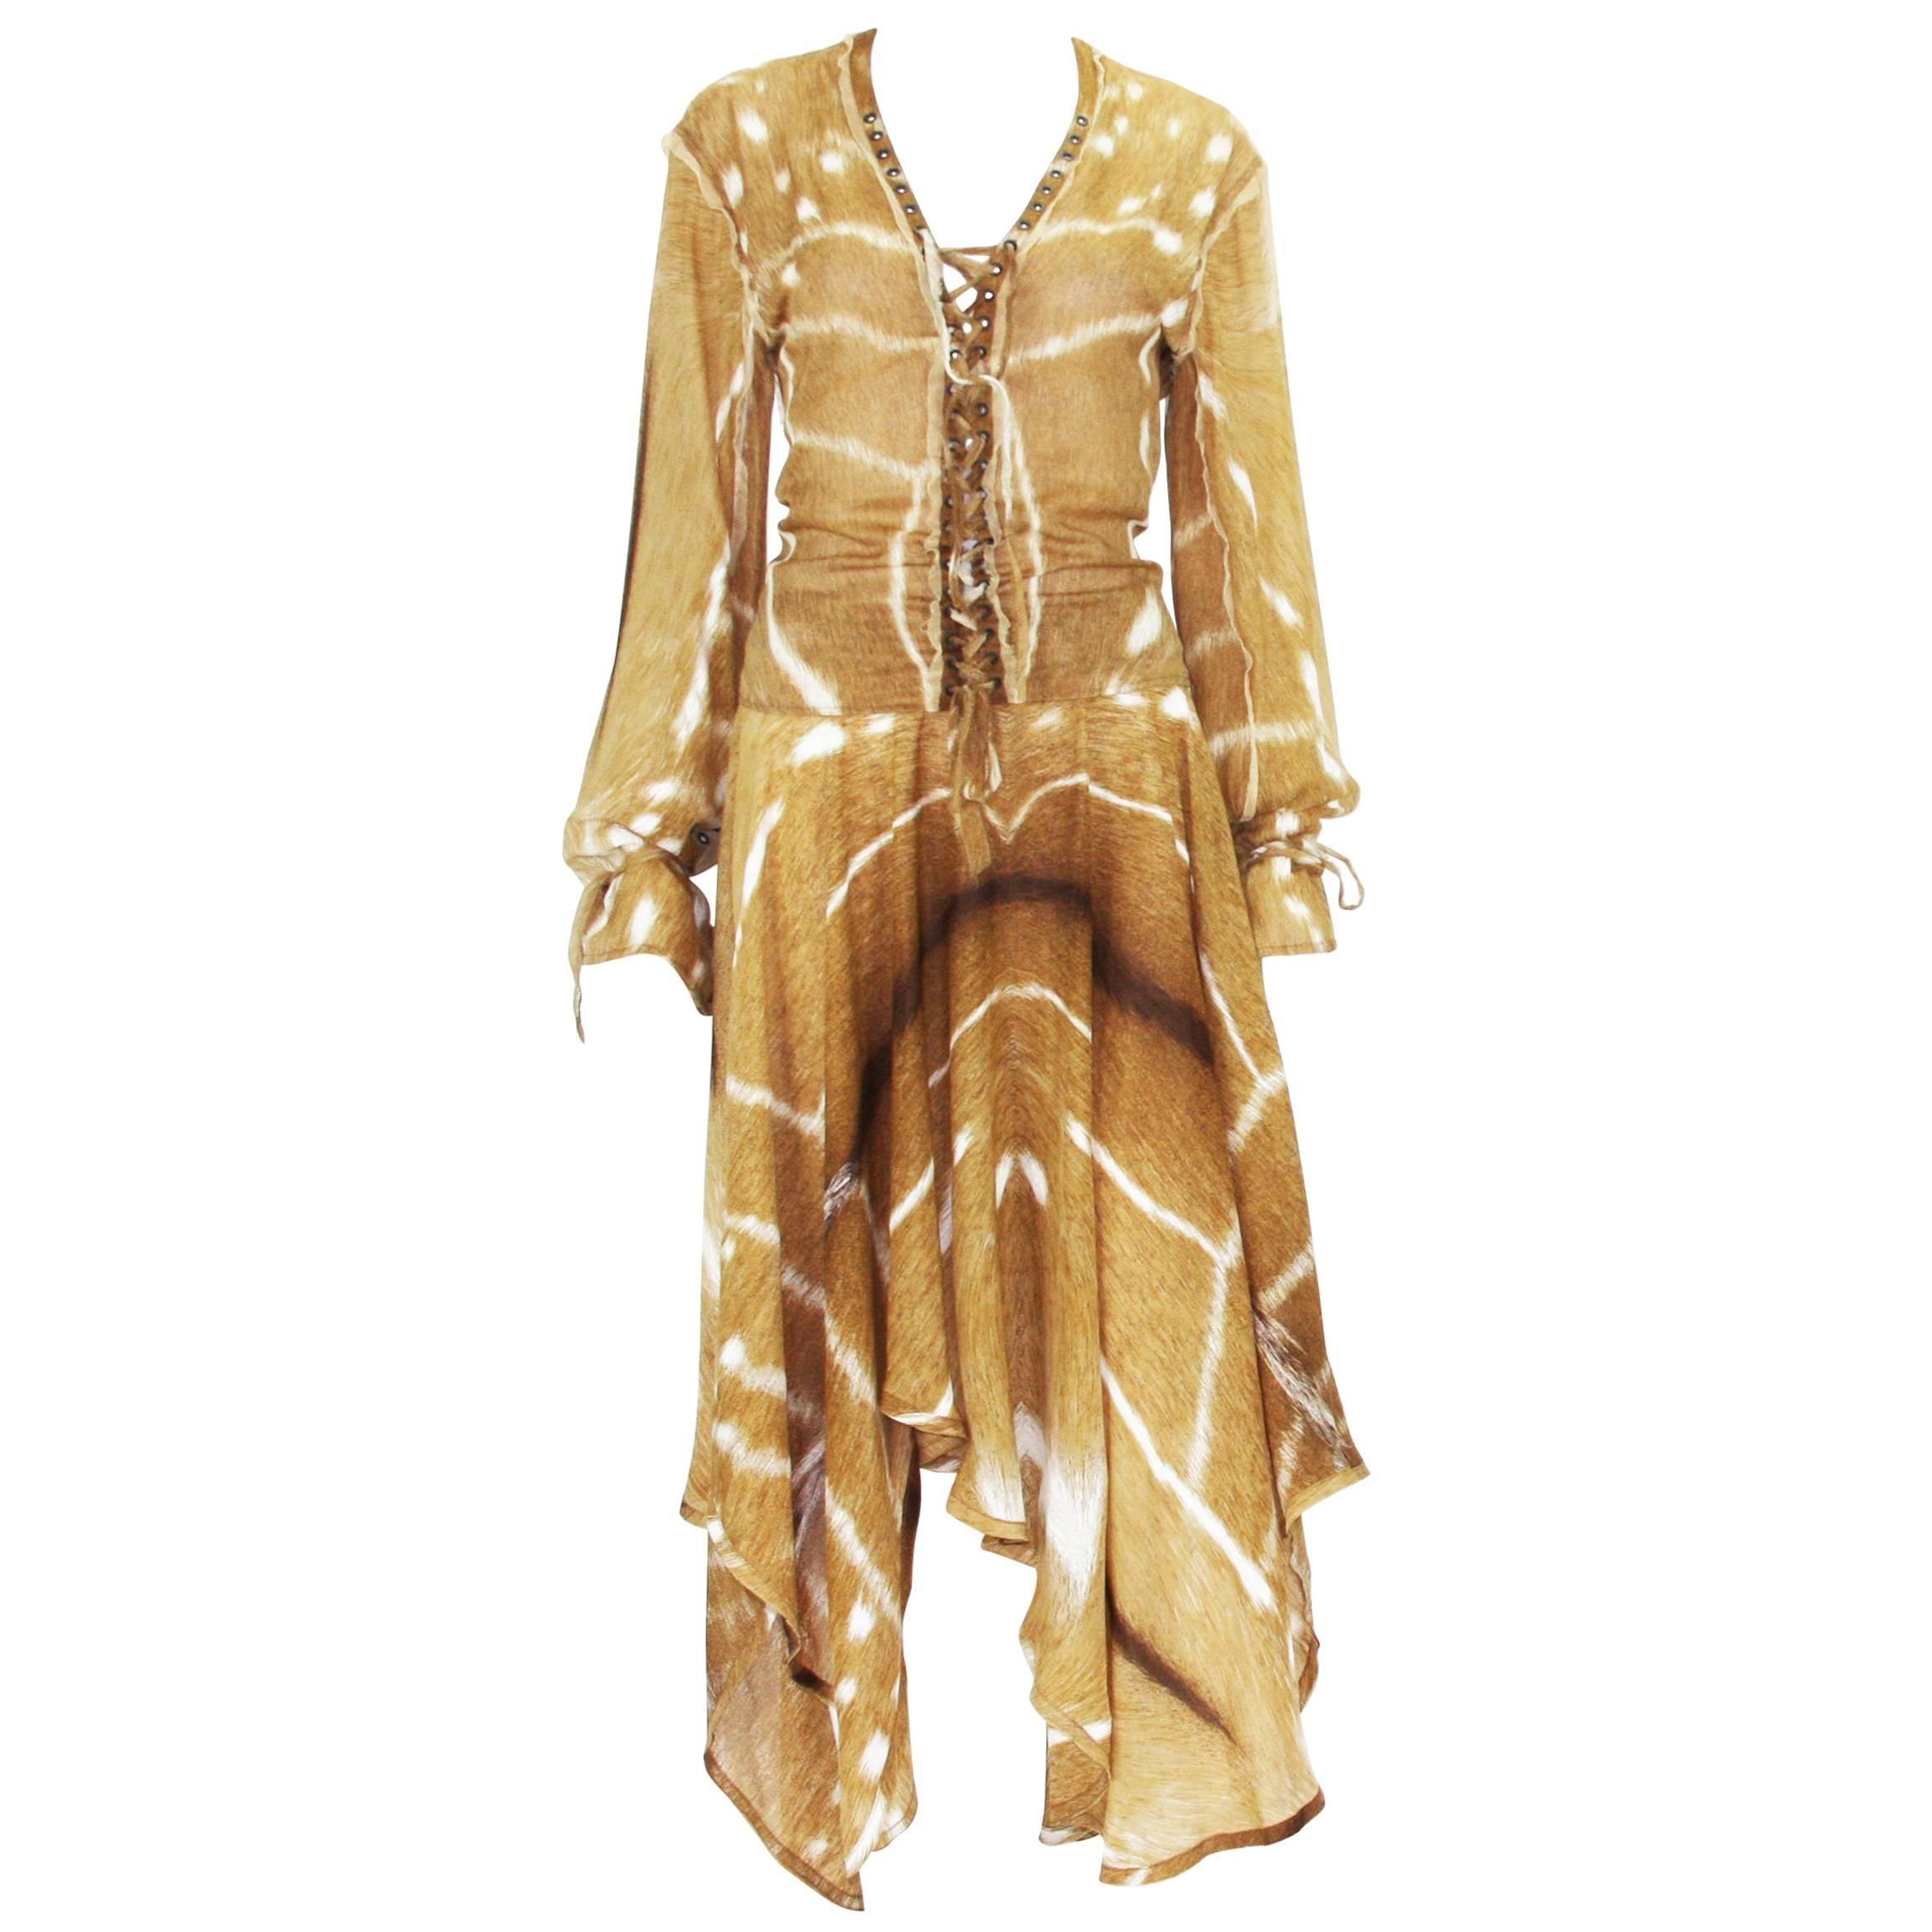 Tom Ford for Yves Saint Laurent S/S 2002 Safari Collection Silk Skirt Set Fr. 38